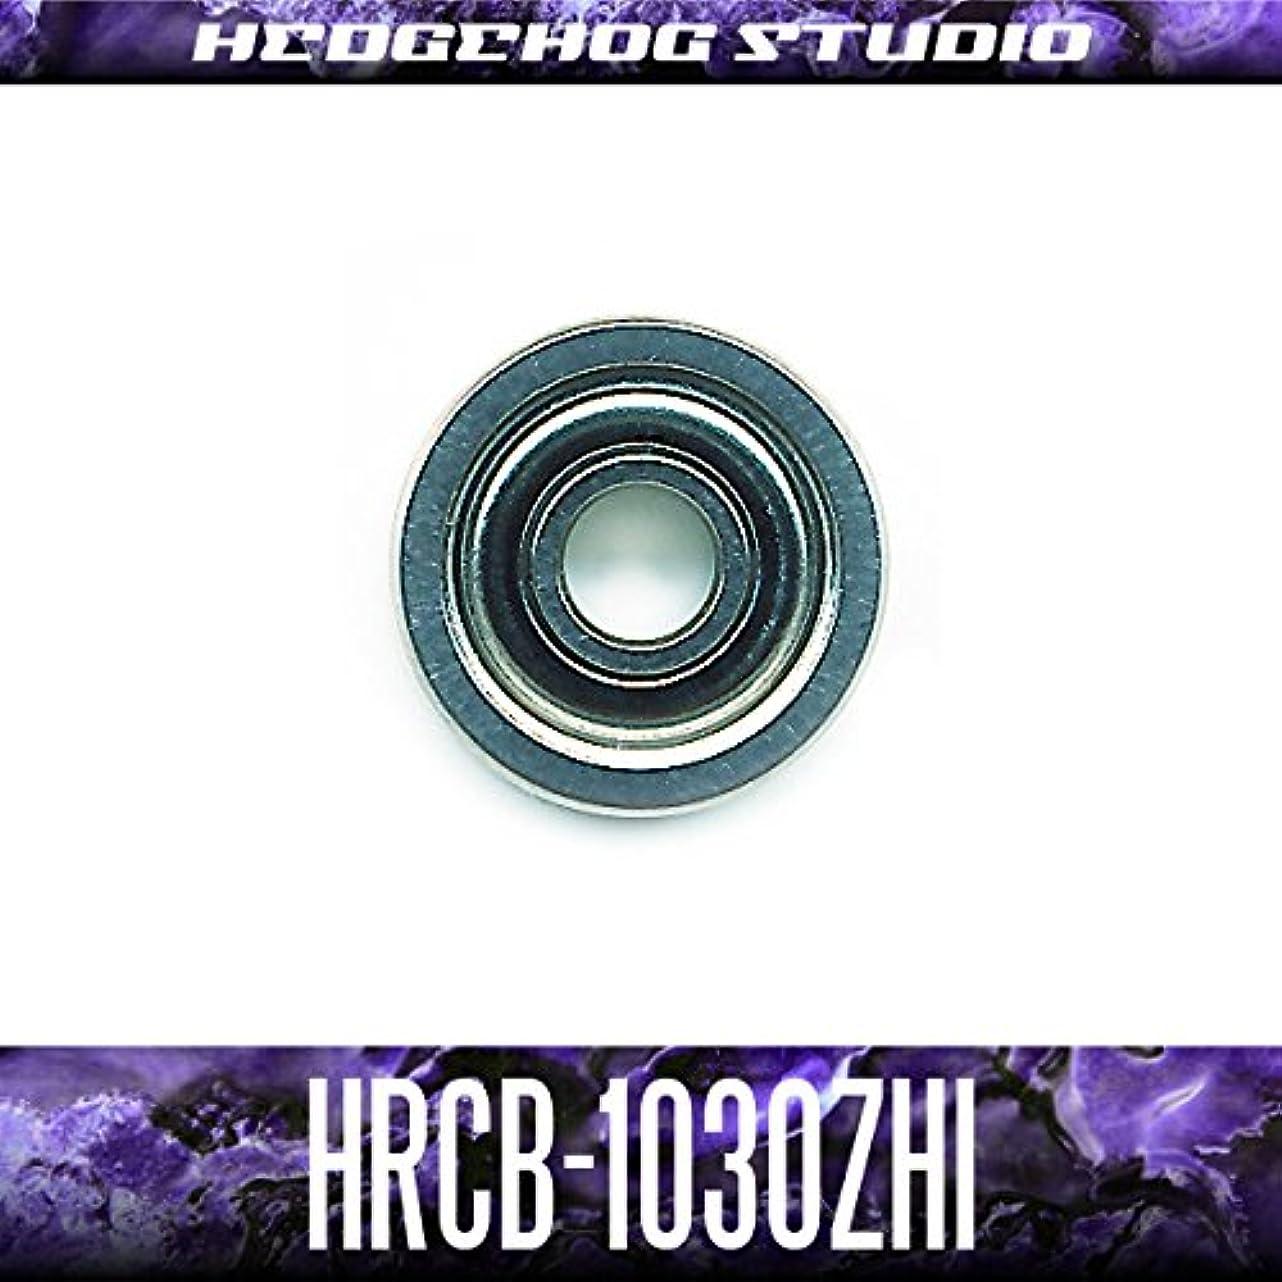 犬詩人パイント【HEDGEHOG STUDIO/ヘッジホッグスタジオ】HRCB-1030ZHi 内径3mm×外径10mm×厚さ4mm シールドタイプ